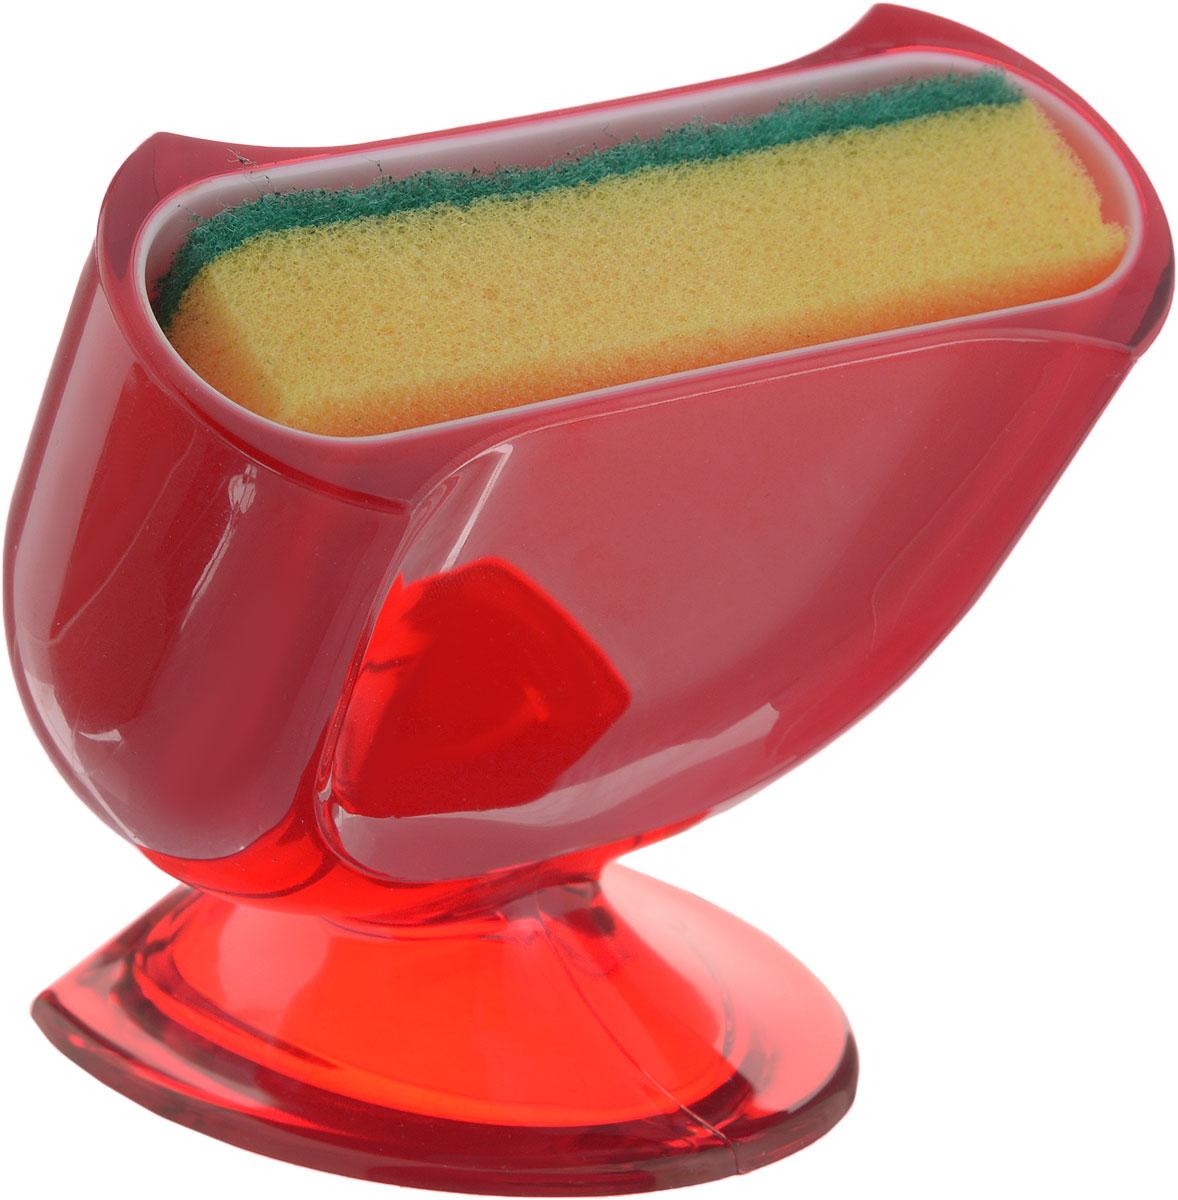 Подставка для губки Indecor, с губкой, цвет: красный, 11,5 х 8 х 10 смIND021rПодставка для губки Indecor выполнена из пластика. Она сохранит порядок и чистоту вокруг раковины. Очень удобна в использовании. Также в комплект входит поролоновая губка. Подставка для губки Indecor - интересное и оригинальное украшение вашей кухни. Размер подставки: 11,5 х 8 х 10 см. Размер губки: 9,5 х 2,5 х 5,5 см.